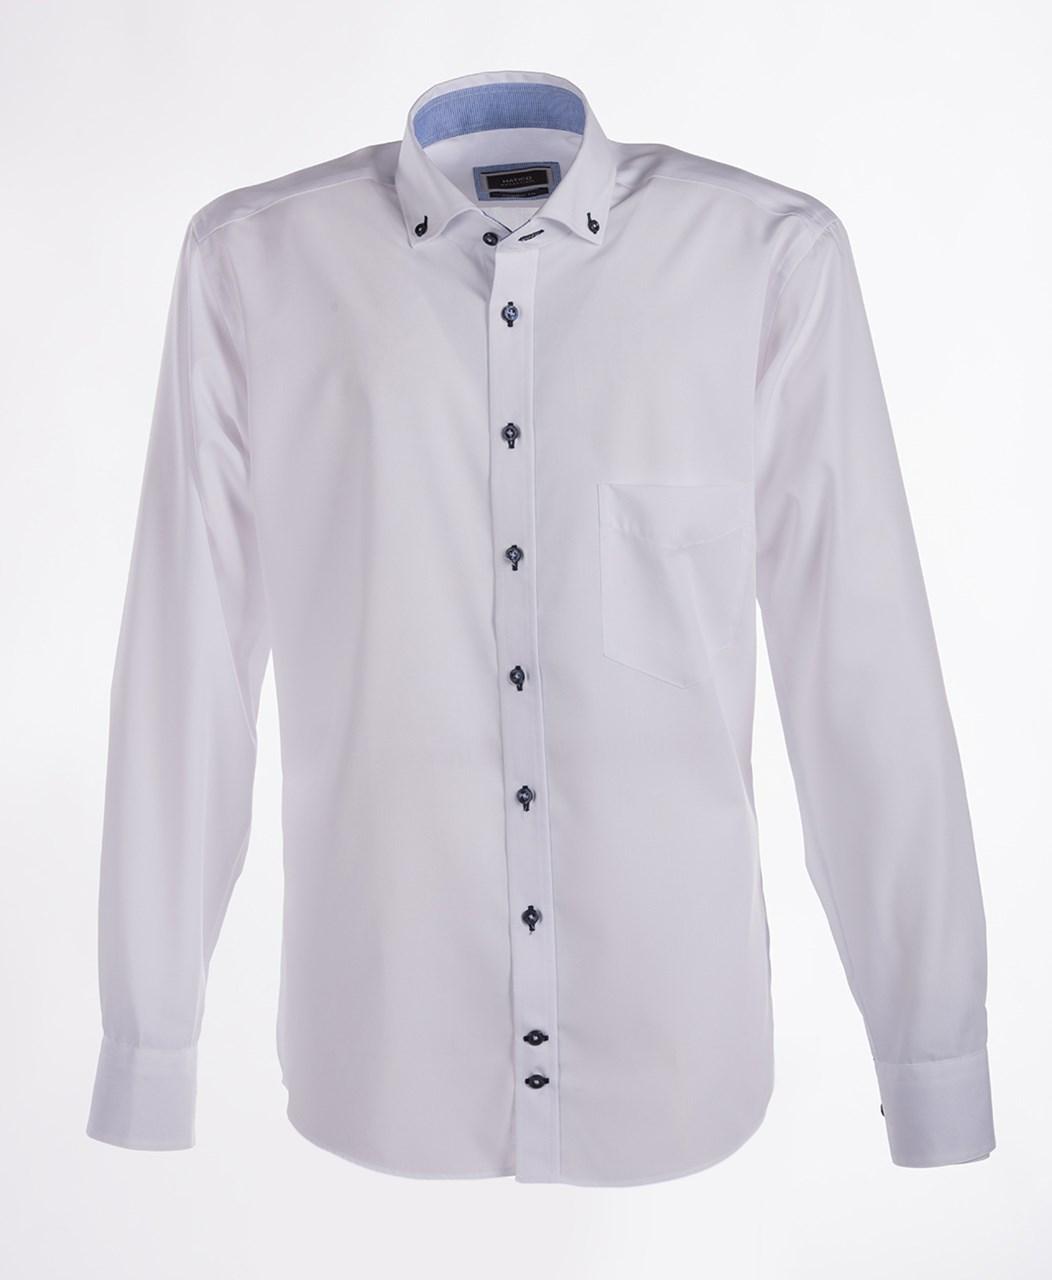 Košile Uzumyree Images😉 cda6e2d4af